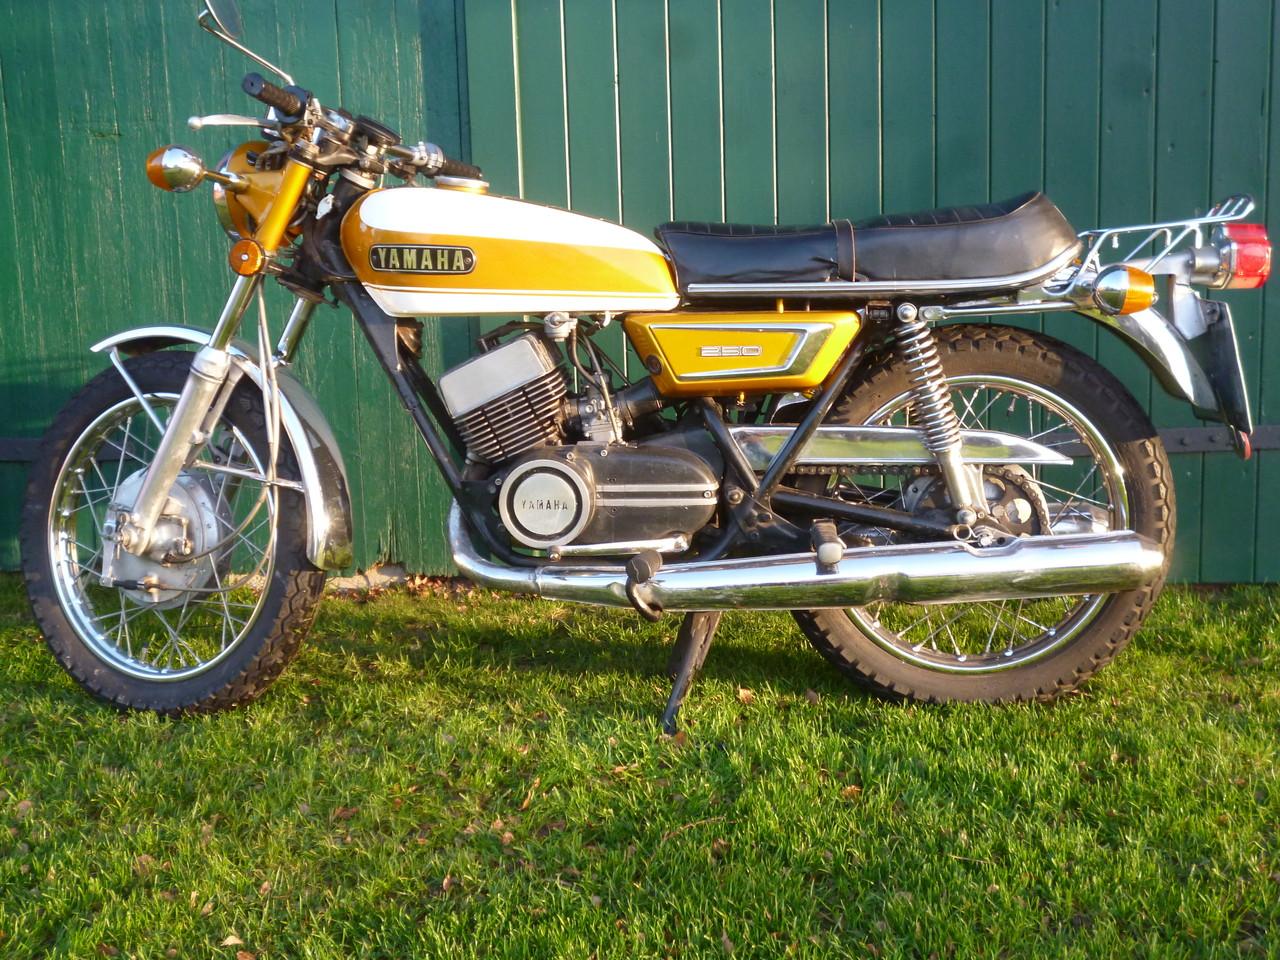 Über 4 Jahrzehnte begleitet diese Yamaha DS7 Michael bereits !